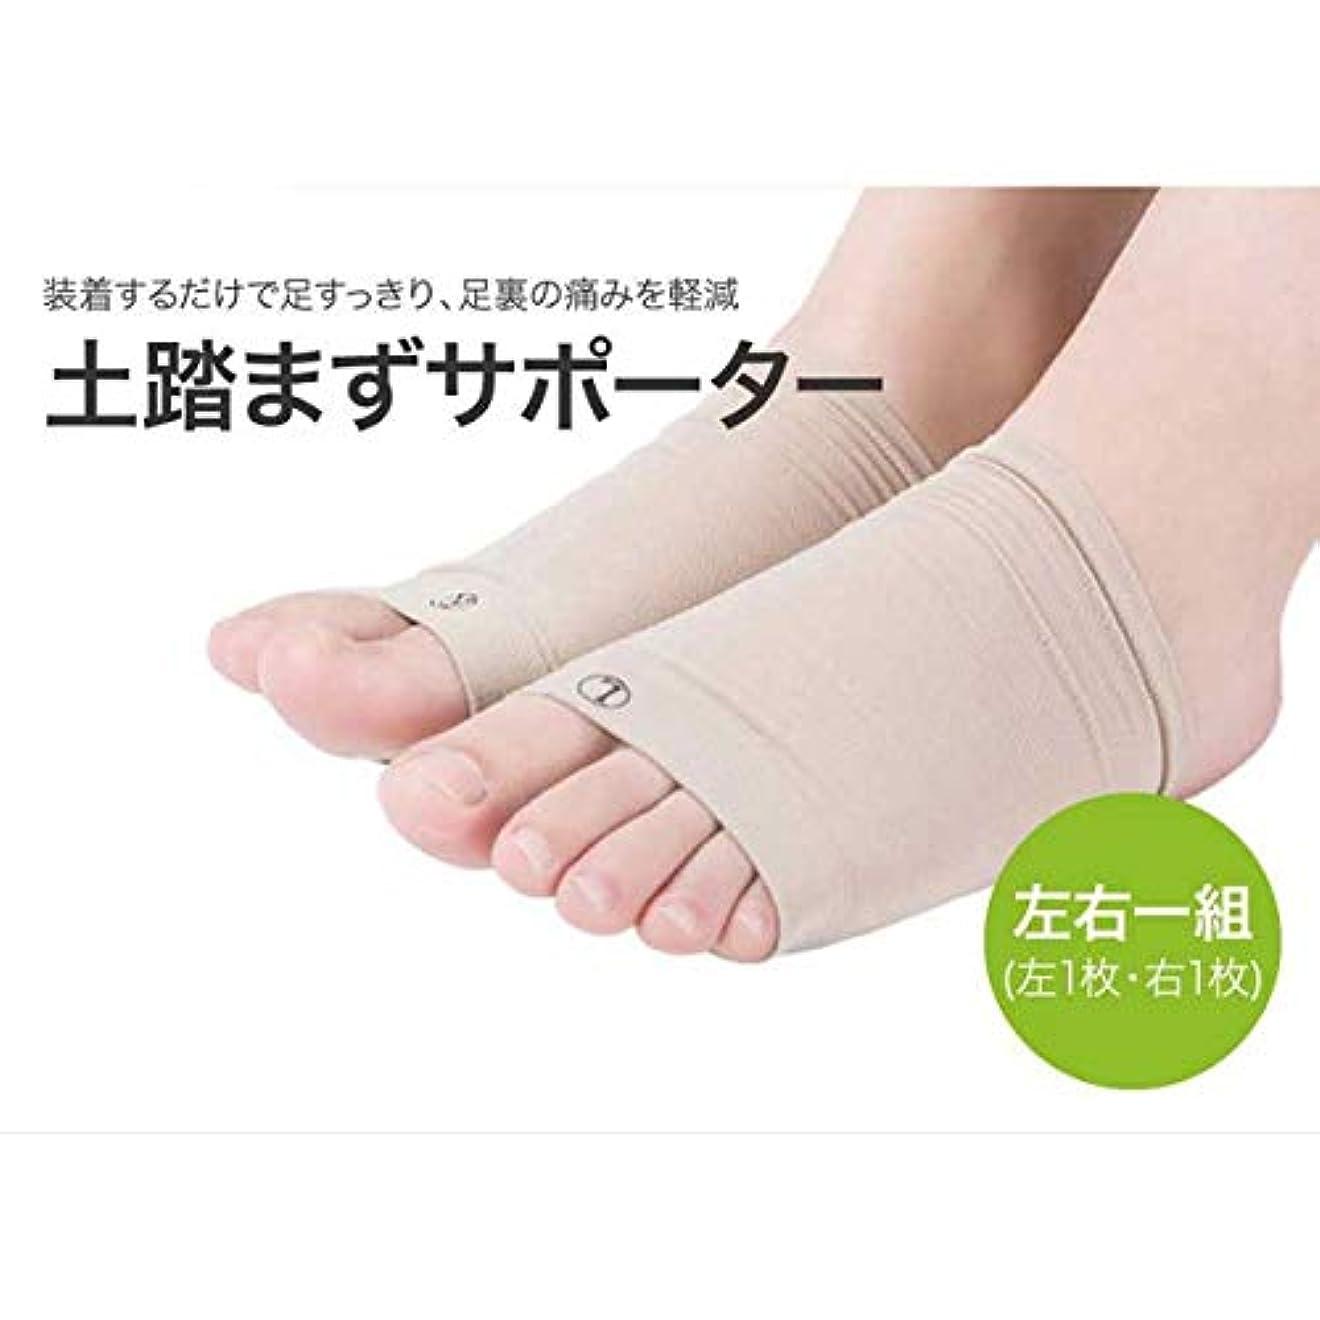 ウィスキー平和的増強する土踏まずサポーター 左右1組セット 偏平足 シリコン 足底筋膜炎 足底腱膜炎 痛み だるさ 足底筋膜 足裏 アーチ サポート